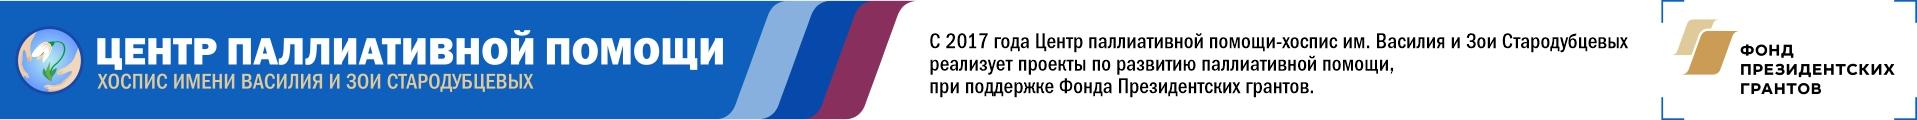 Проект реализуется с использованием гранта Президента РФ  на развитие гражданского общества, предоставленного Фондом президентских грантов